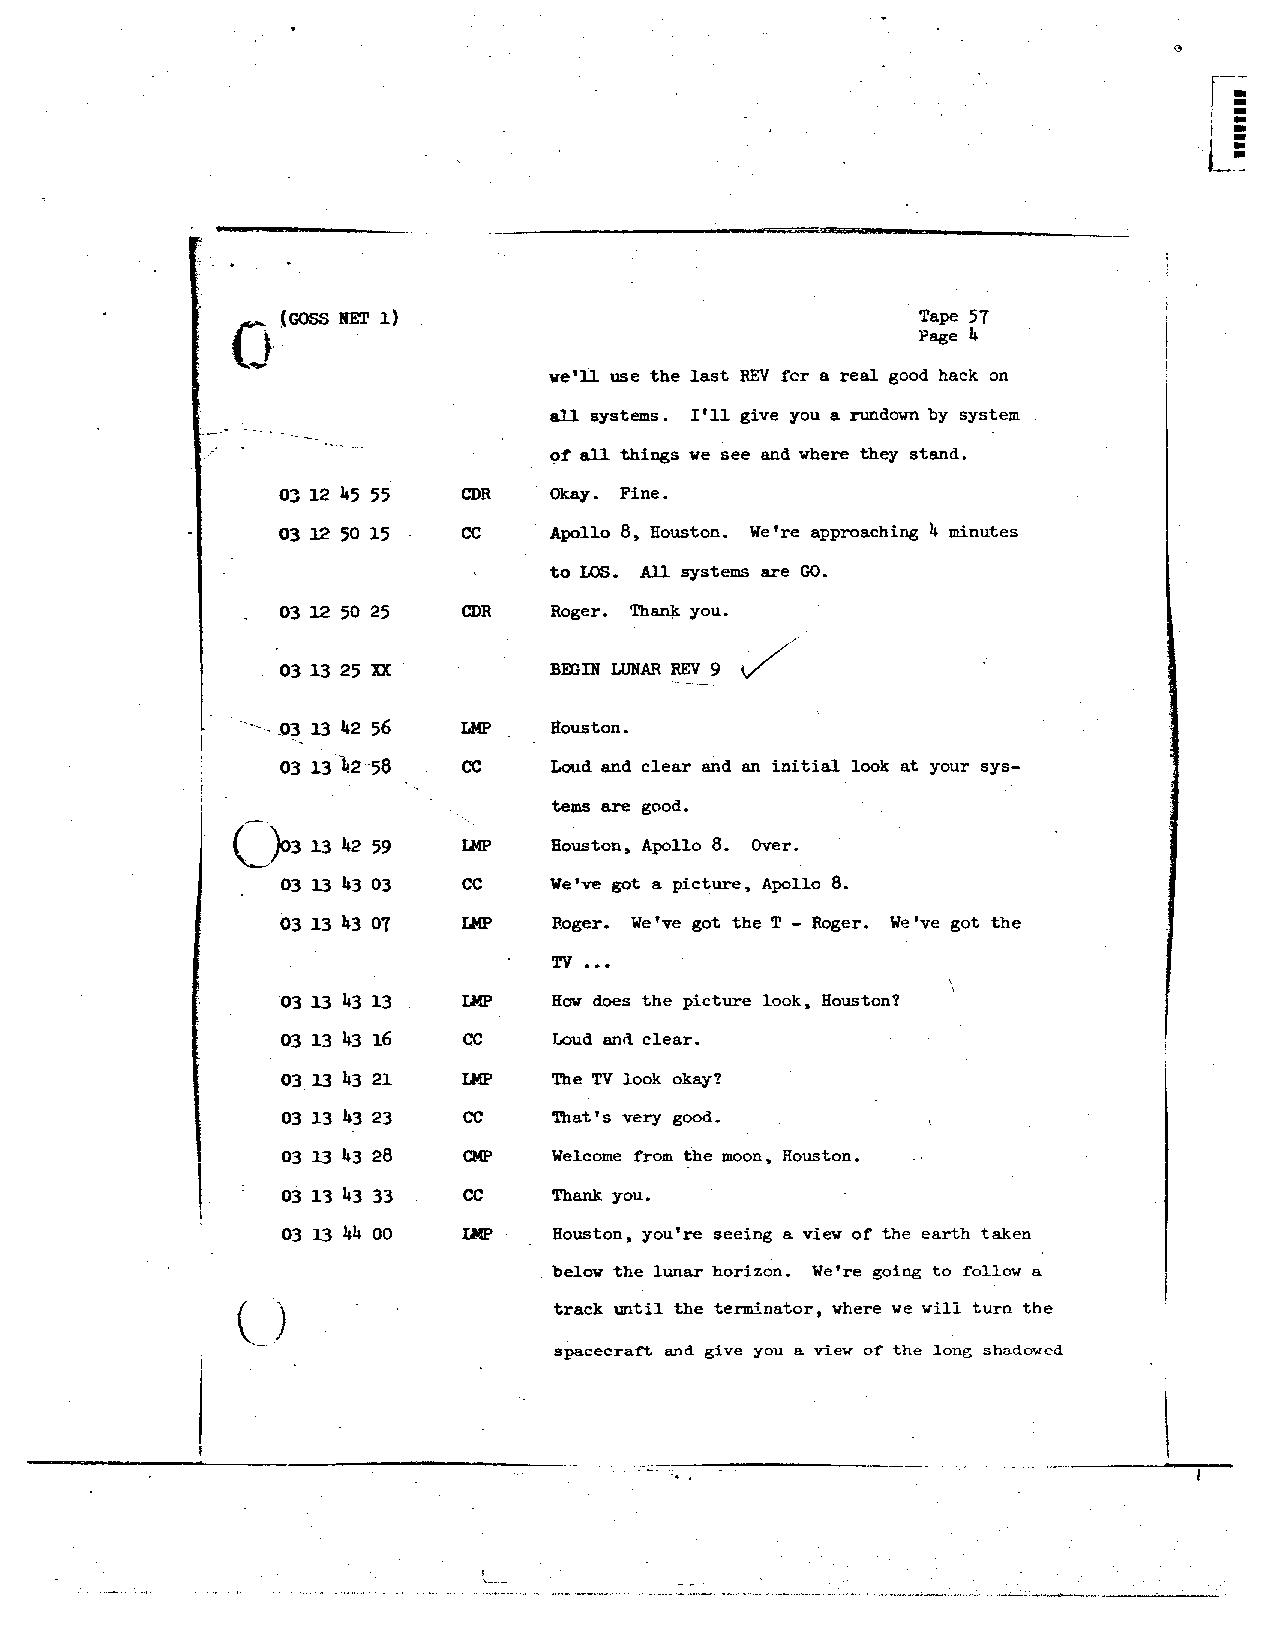 Page 453 of Apollo 8's original transcript